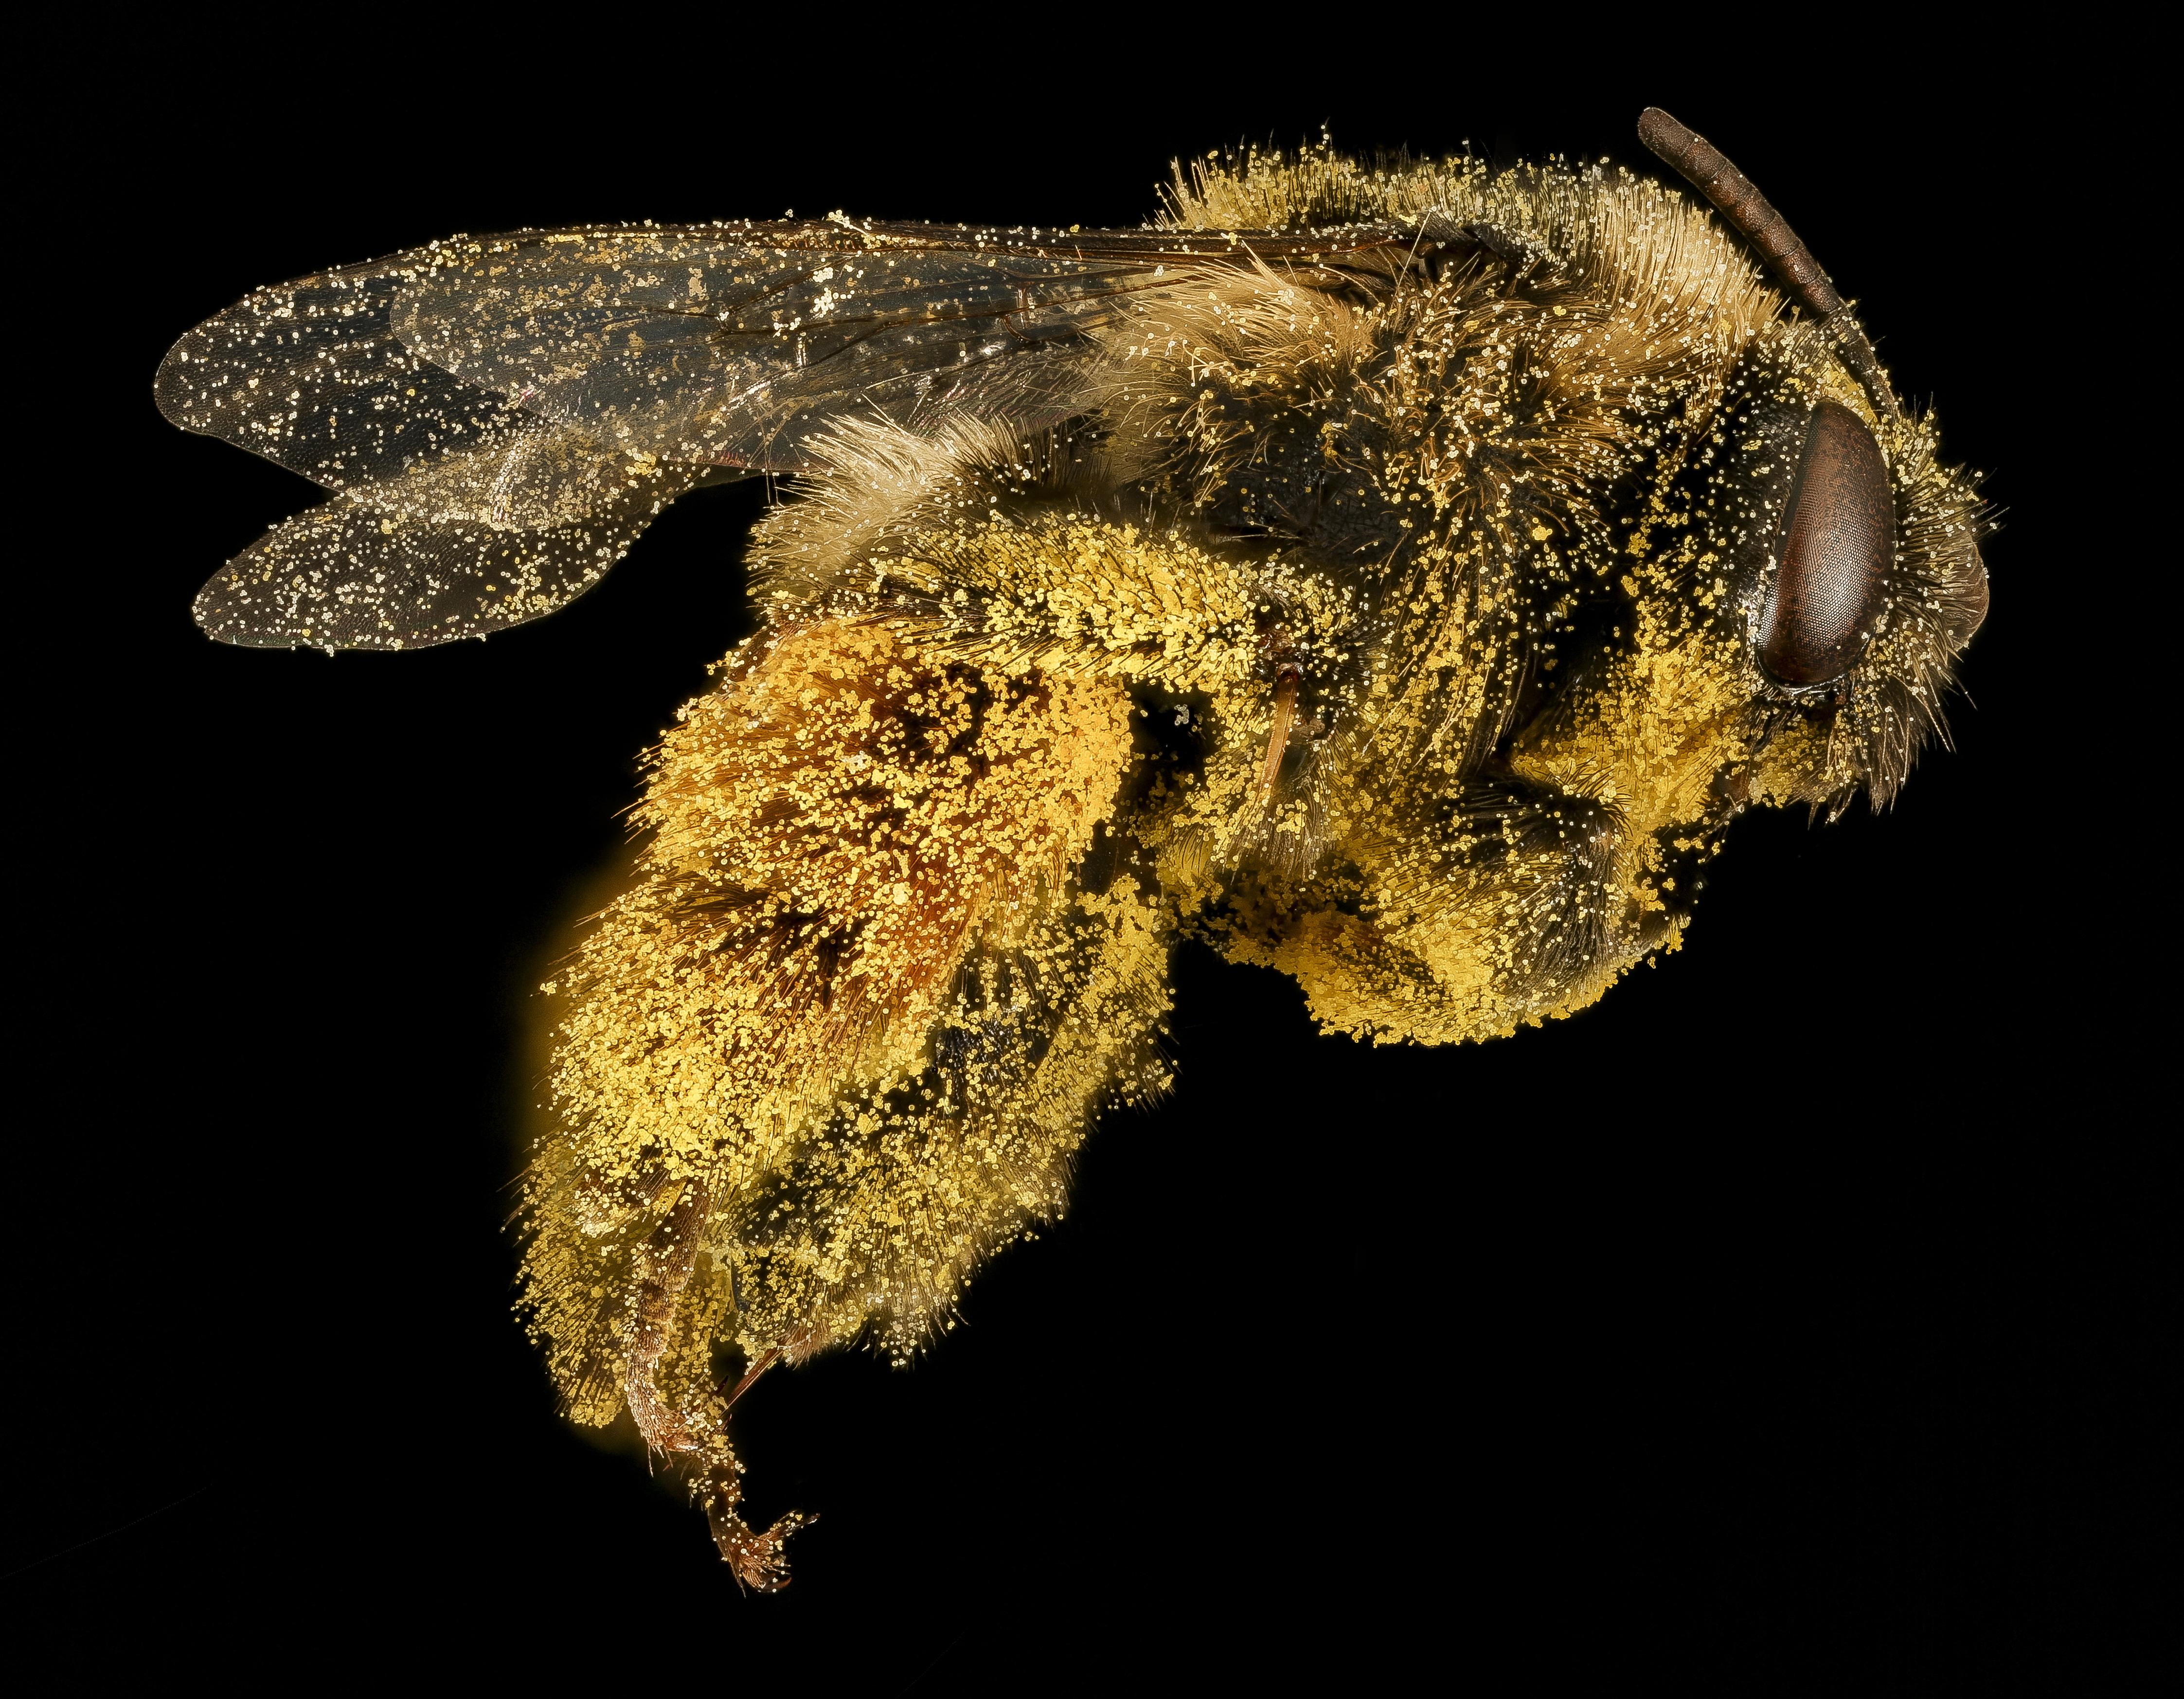 Pollen Party! Melissodes desponsa bea cover in pollen by Dejen Mengis, USGS [4490 x 3493] x-post -r-HI_Res